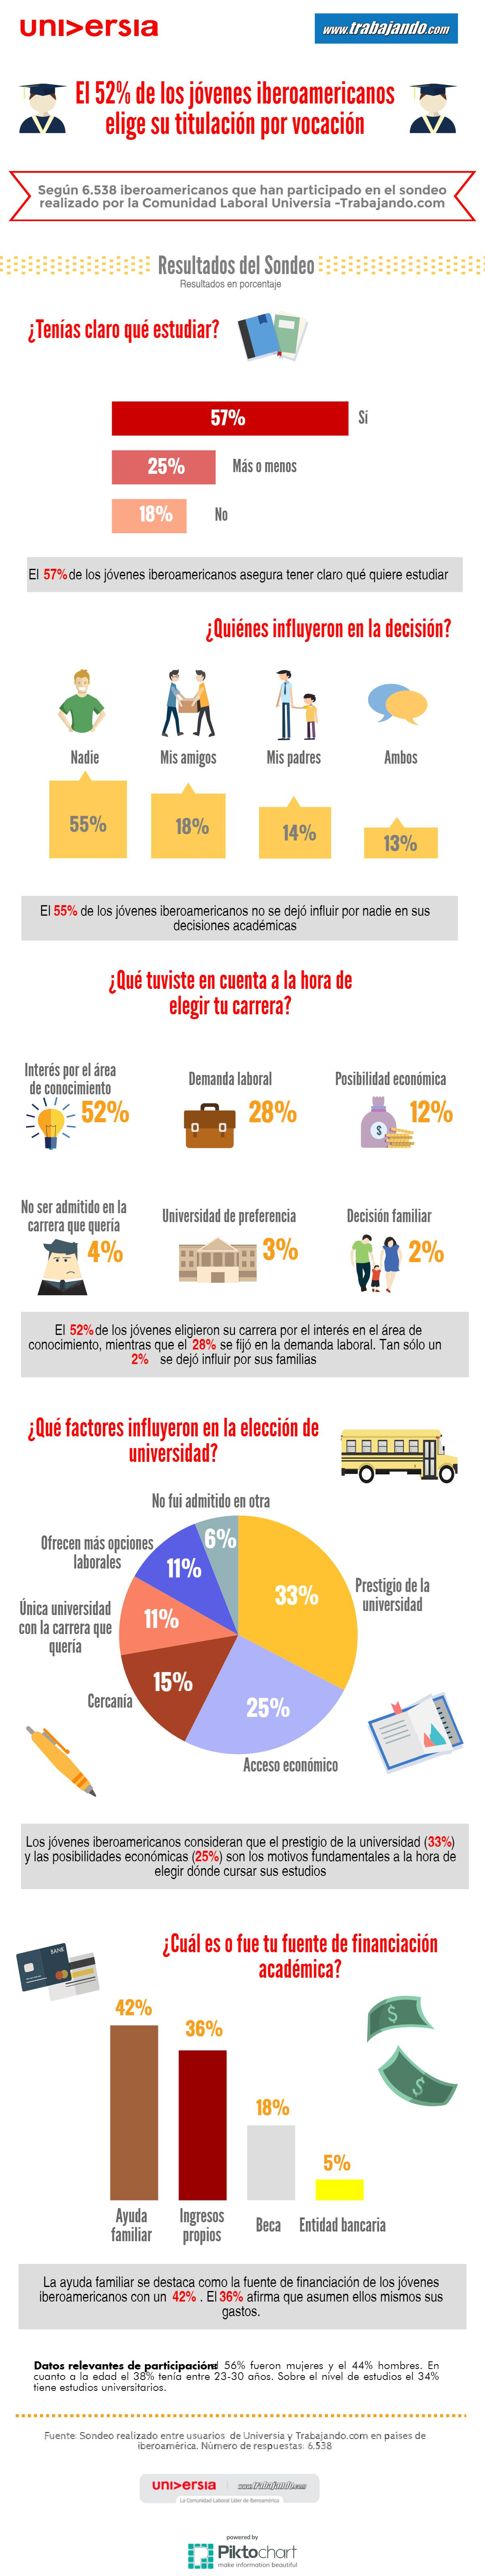 Cómo estudian los jóvenes iberoamericanos